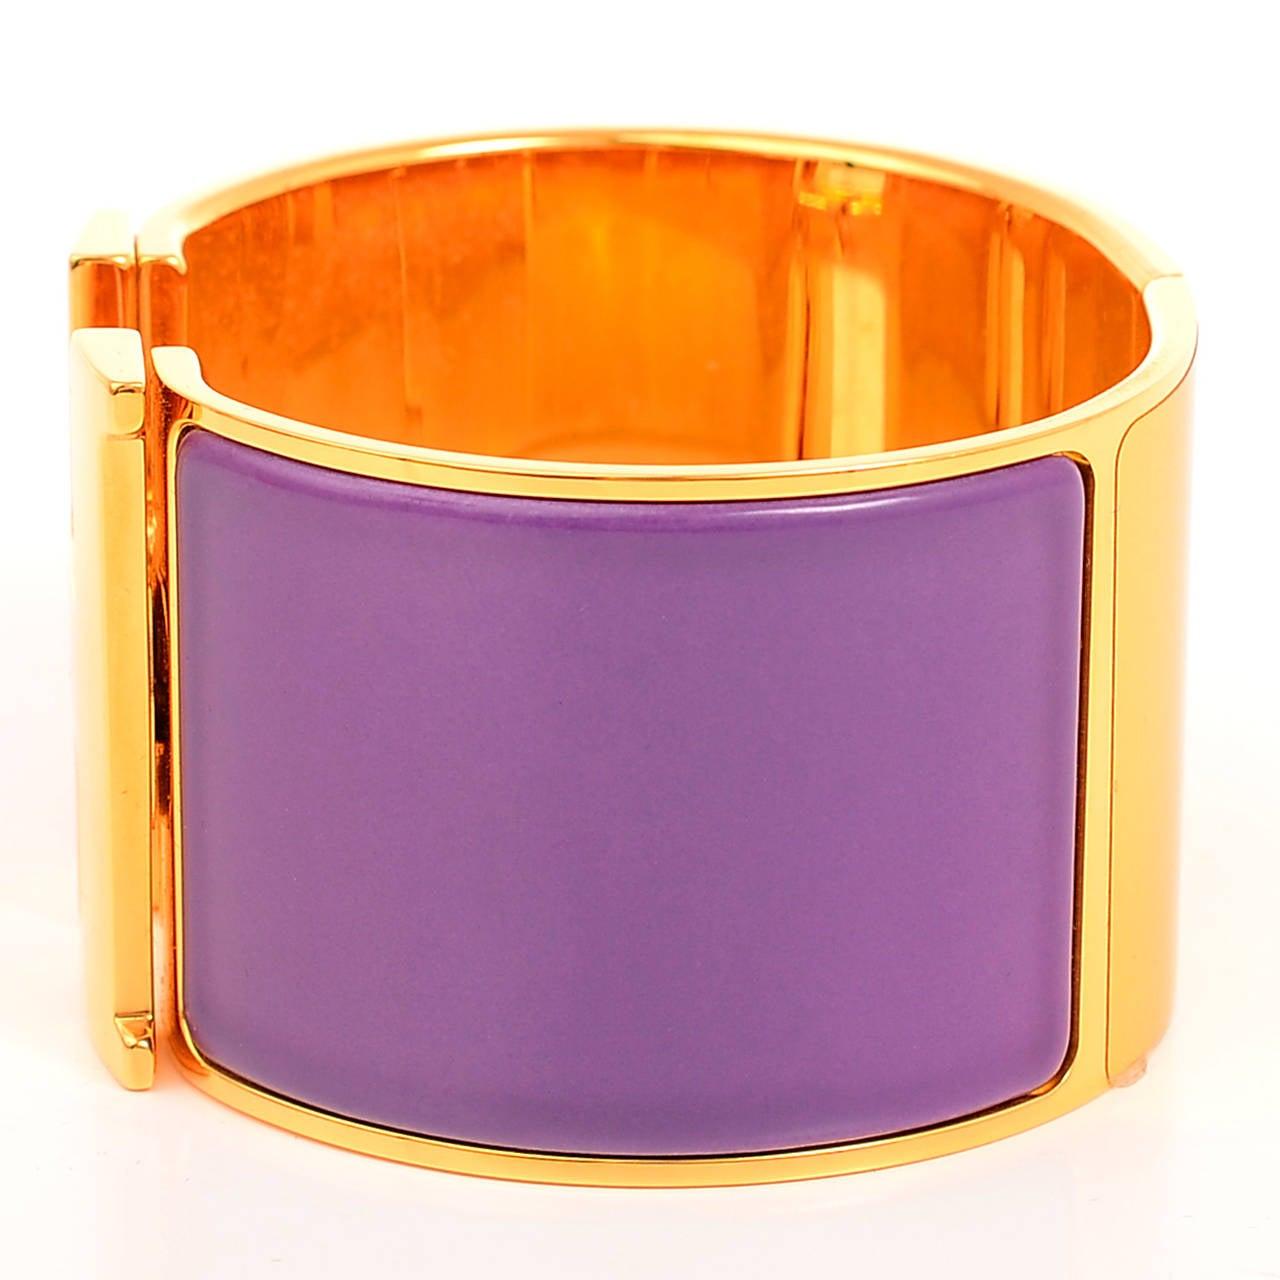 hermes mauve clic clac h wide enamel bracelet pm image 2